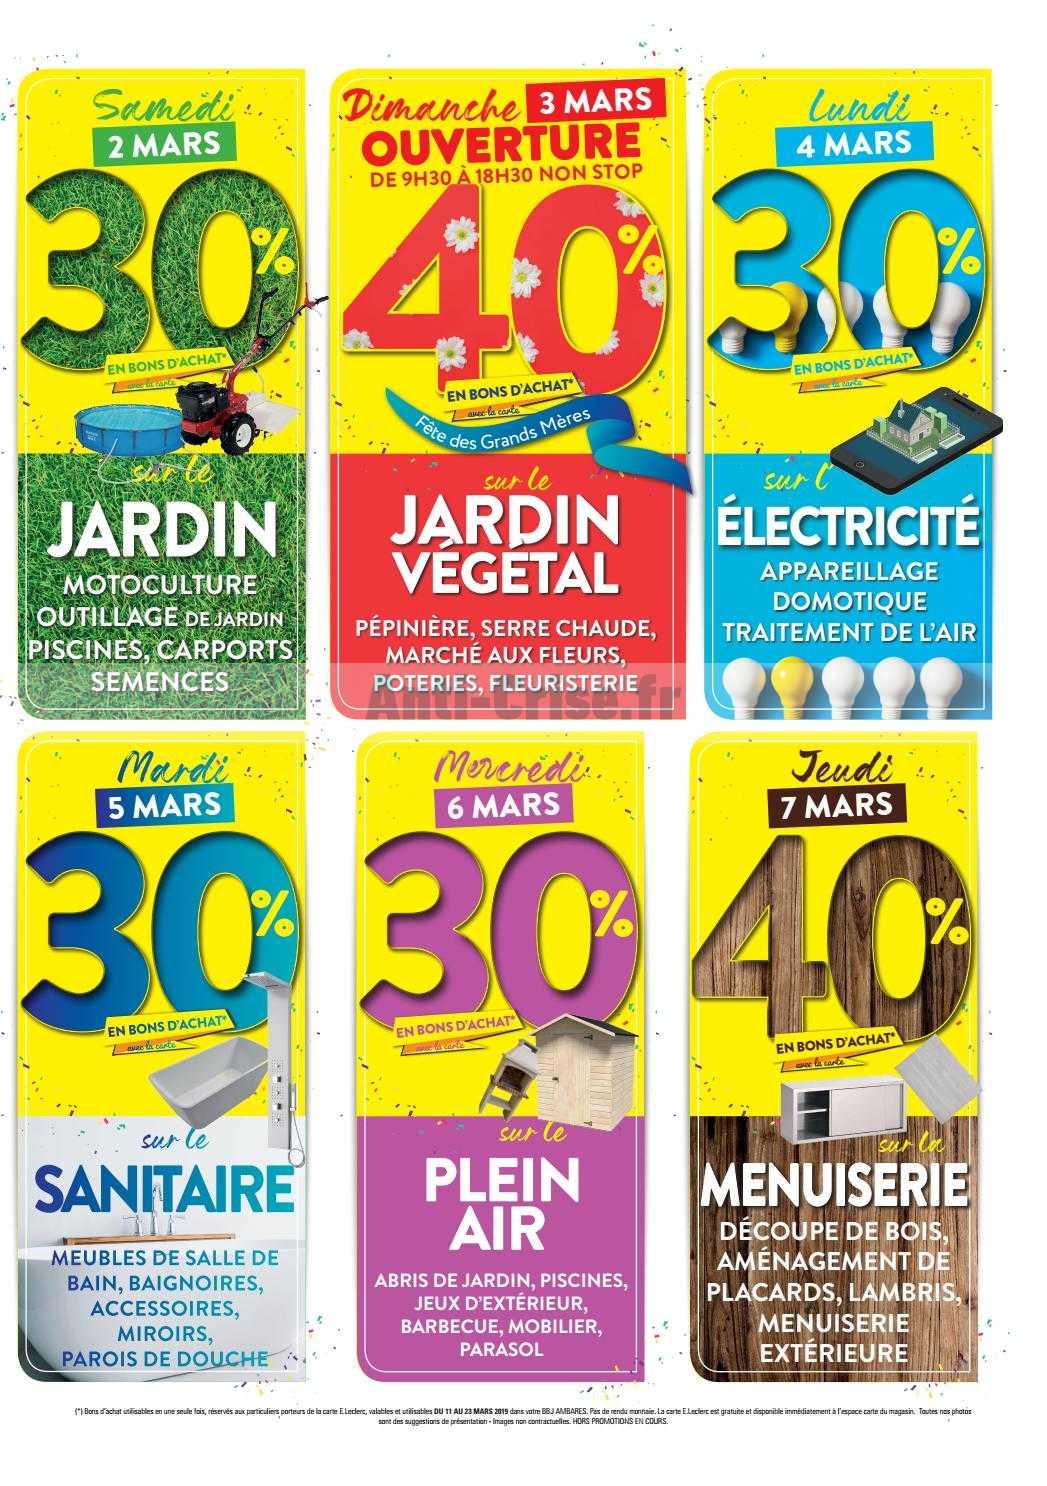 Leclerc Local Le Nouveau Catalogue Du 25 Fevrier Au 10 Mars 2019 Est Disponible Economisez Grace Aux Promos De Ce Catalogue